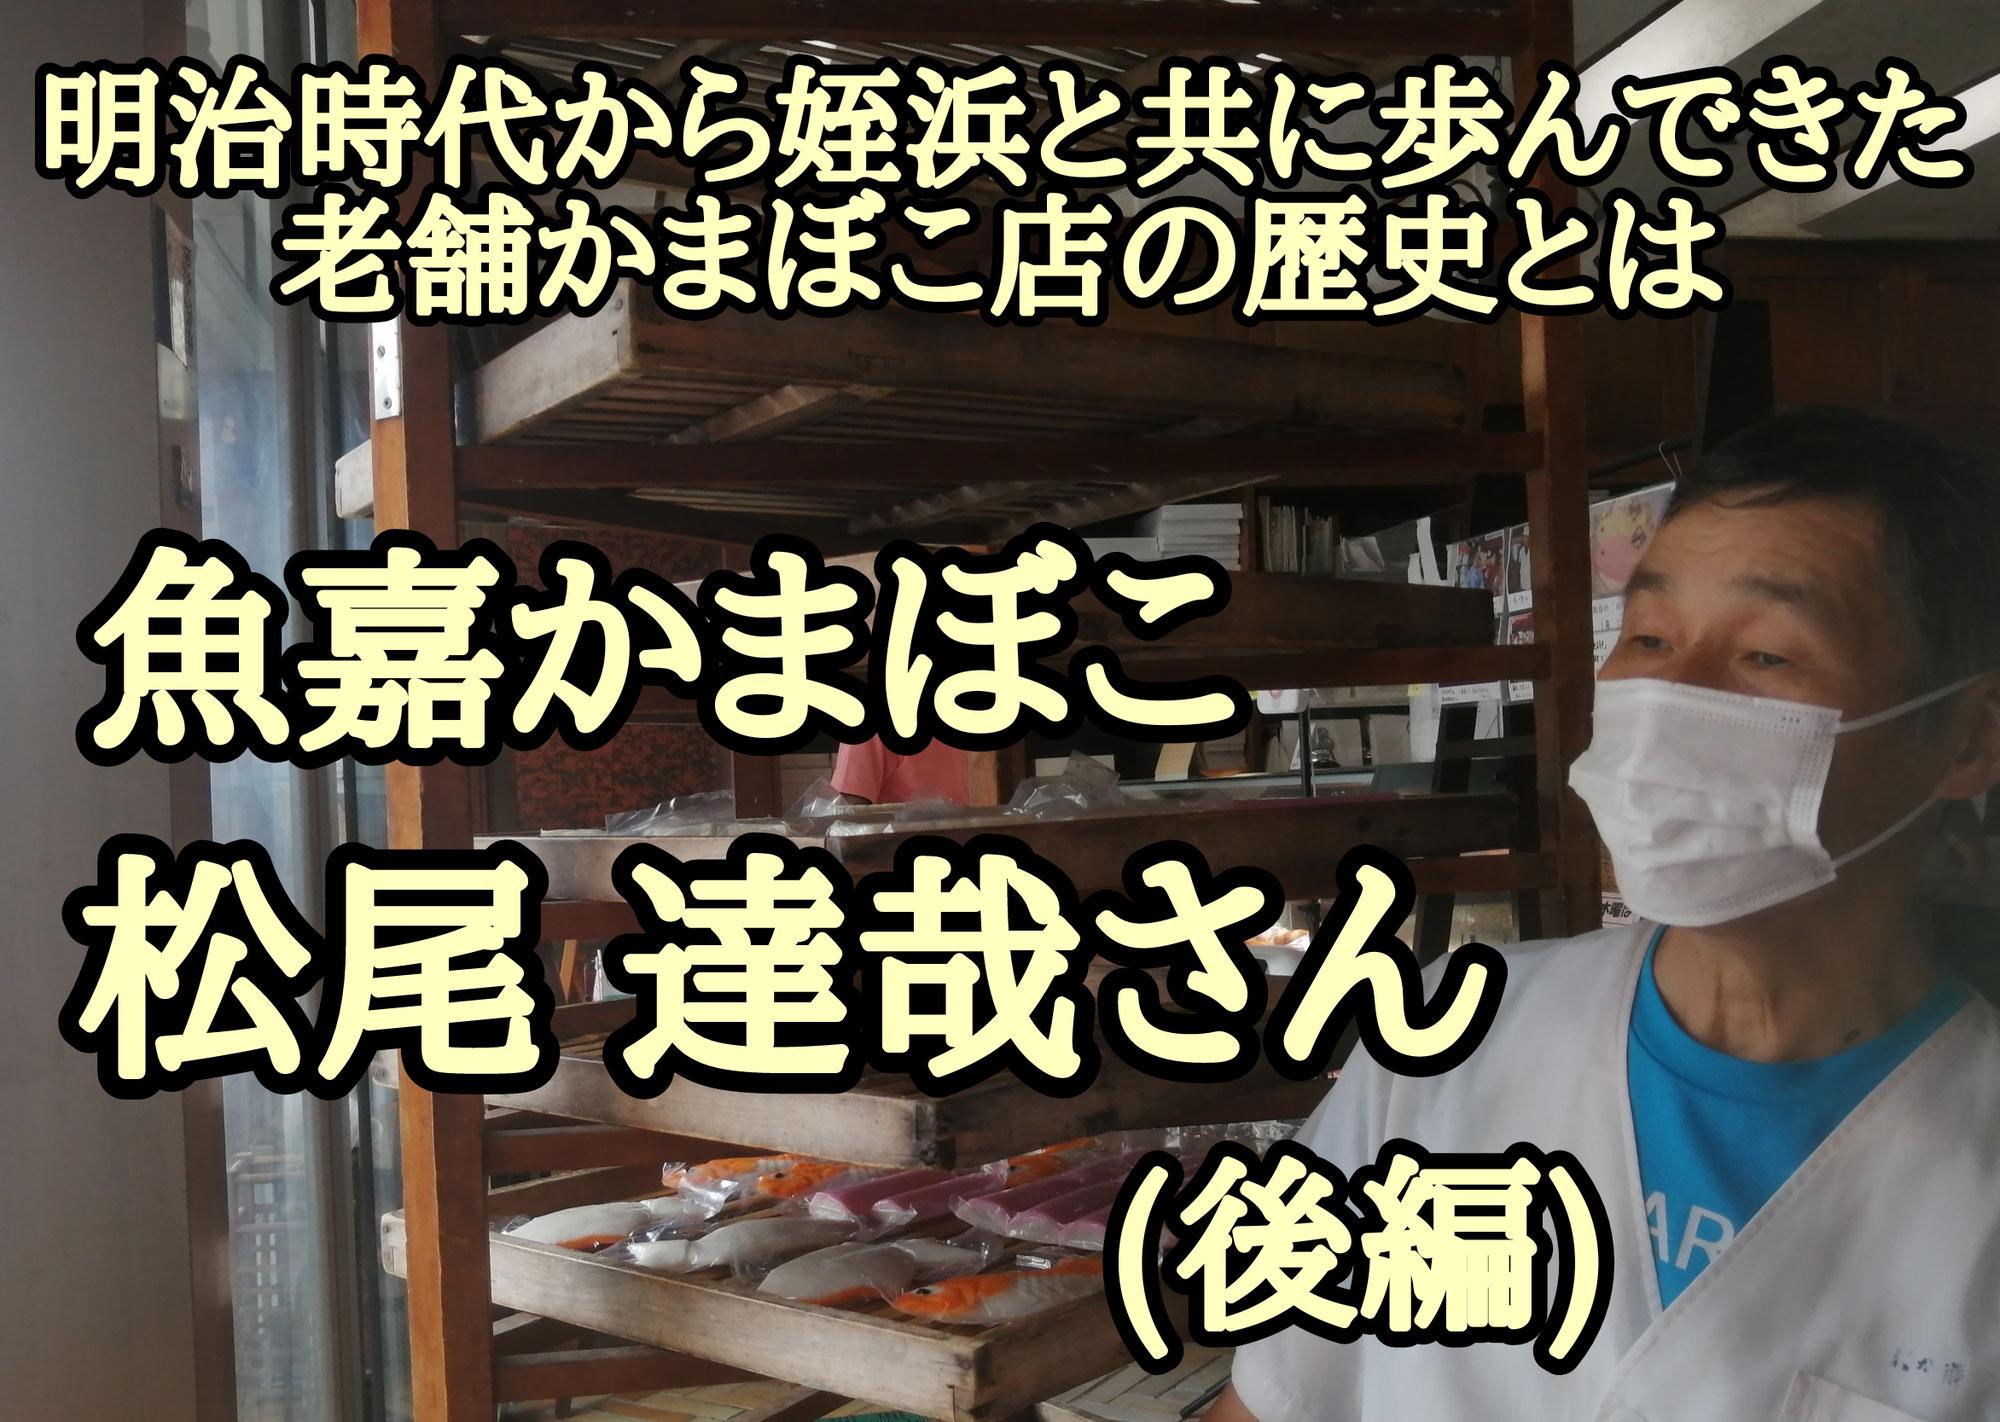 魚嘉かまぼこ 松尾 達哉さん┃明治時代から姪浜と共に歩んできた老舗かまぼこ店の歴史とは(後編)